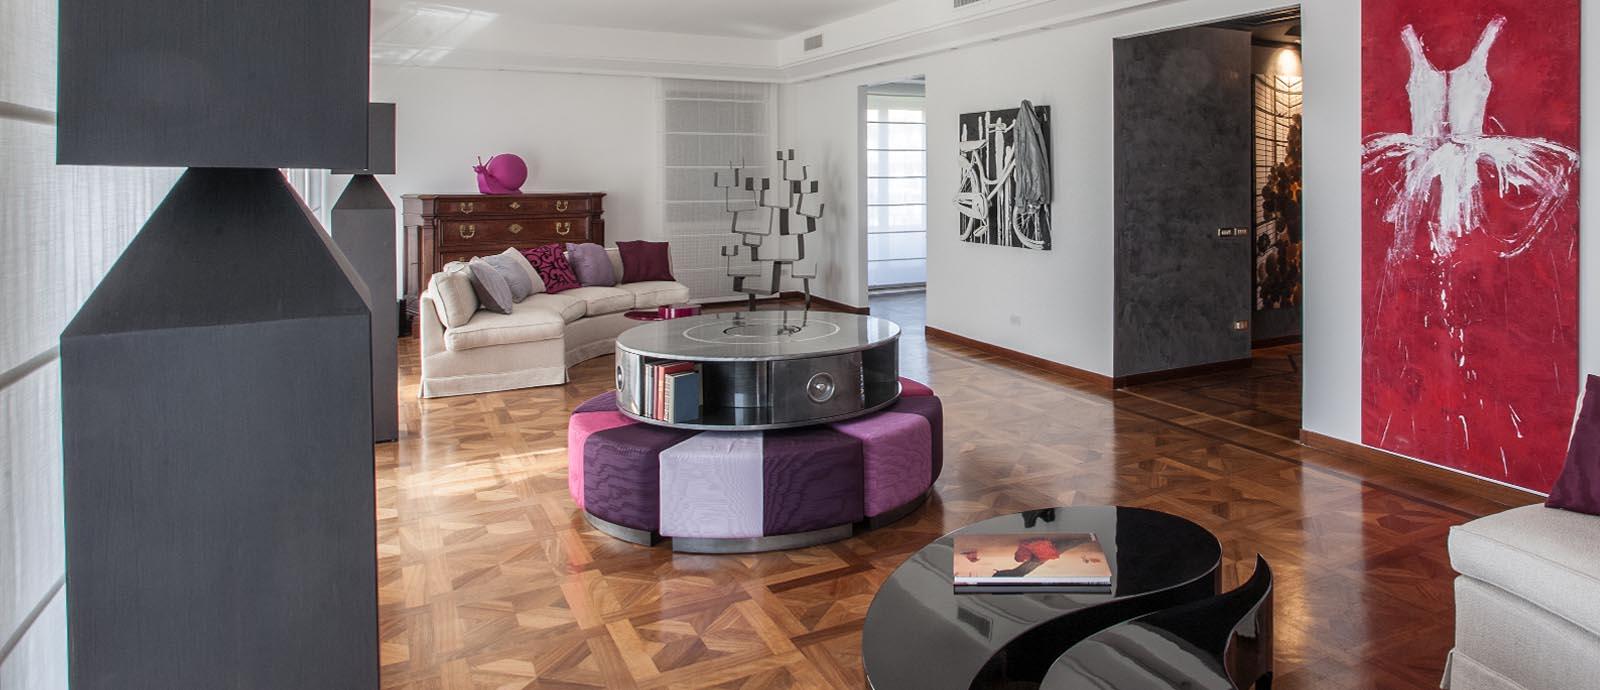 Architettura d 39 interni e ristrutturazione casa a roma for Architetti d interni famosi